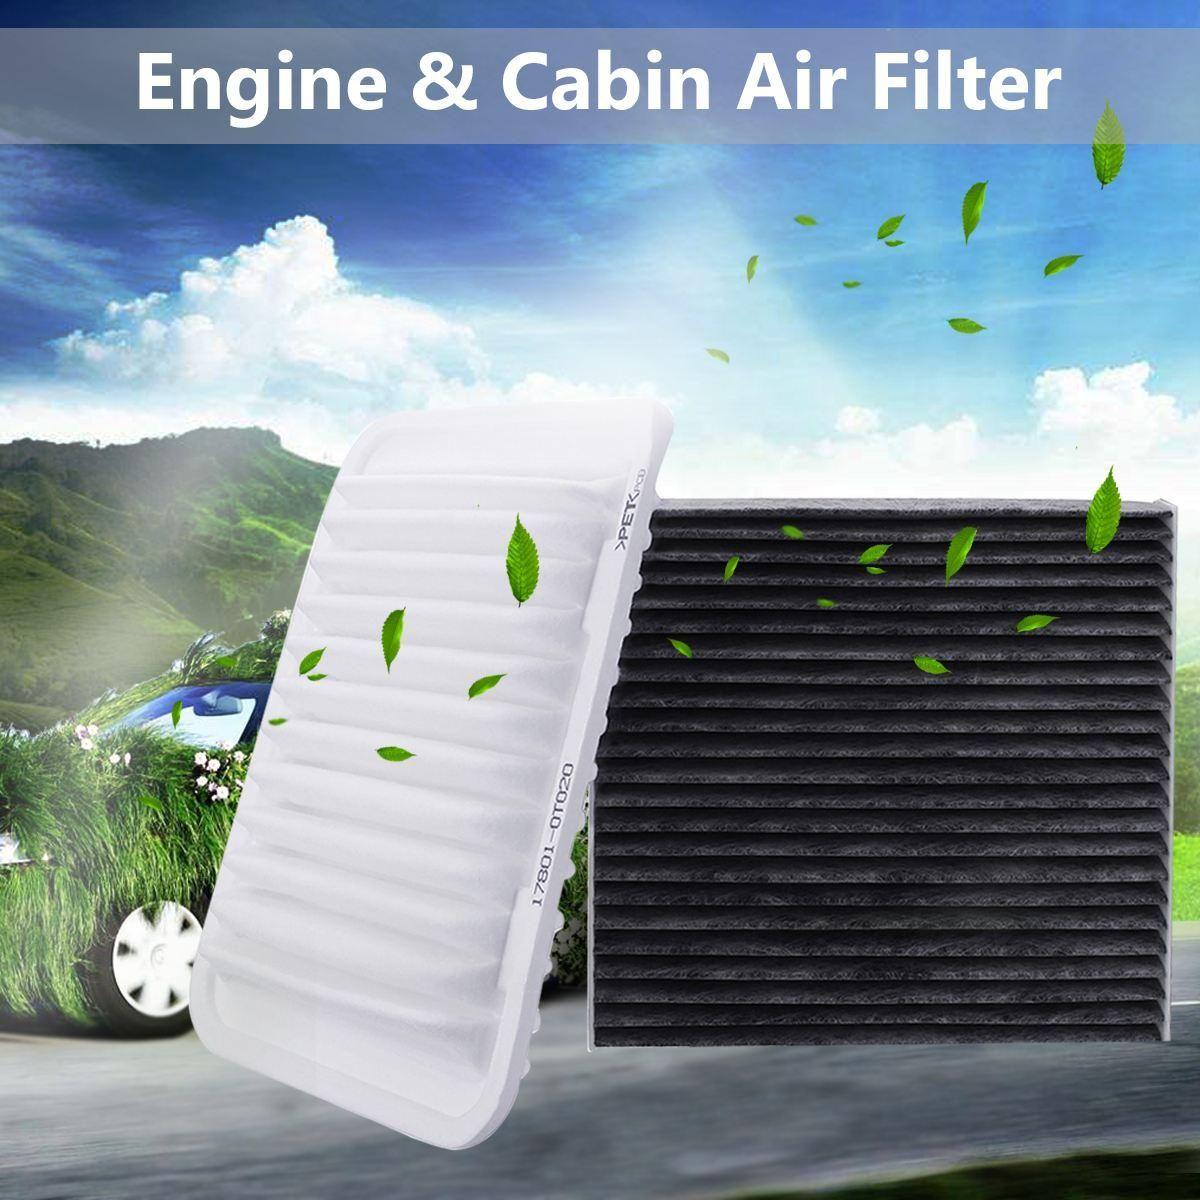 Filtro de aire de motor 2 piezas y filtro de aire de